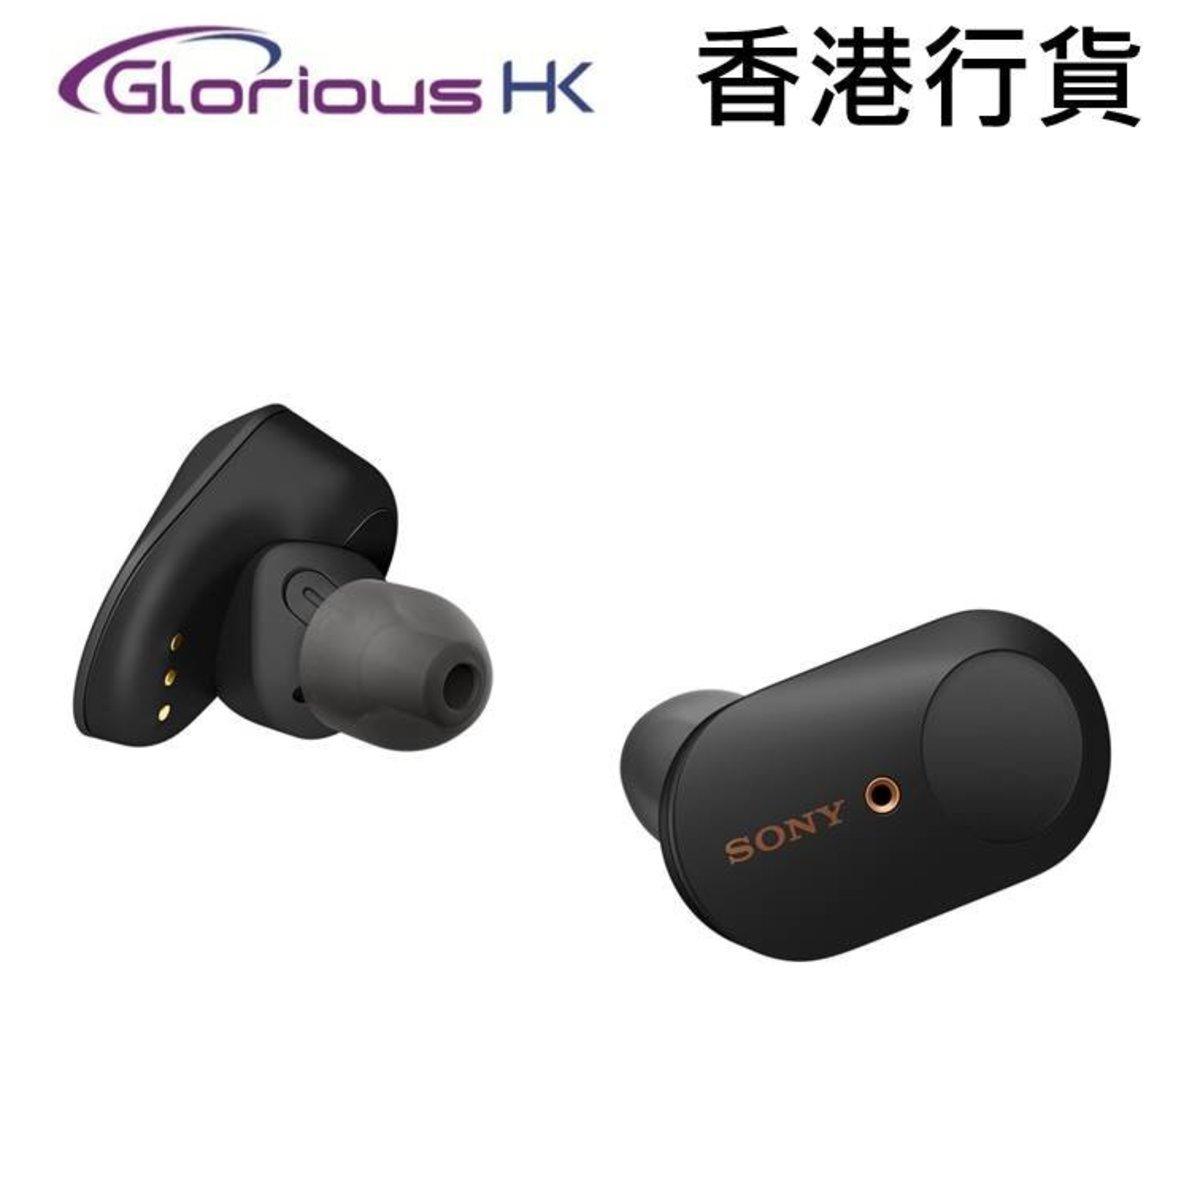 無線降噪耳機 WF-1000XM3 黑色 香港行貨